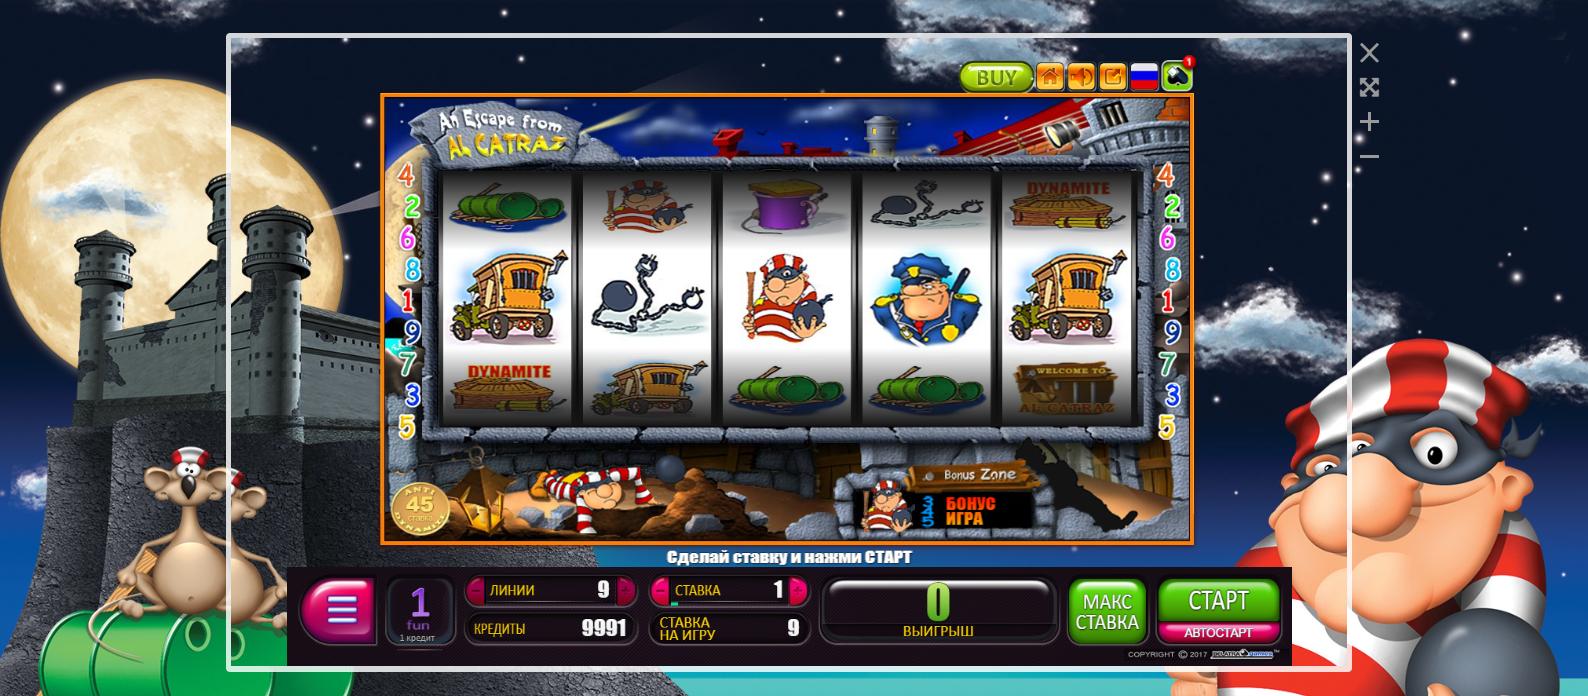 Нераскрытые криминальные секреты по азартным играм